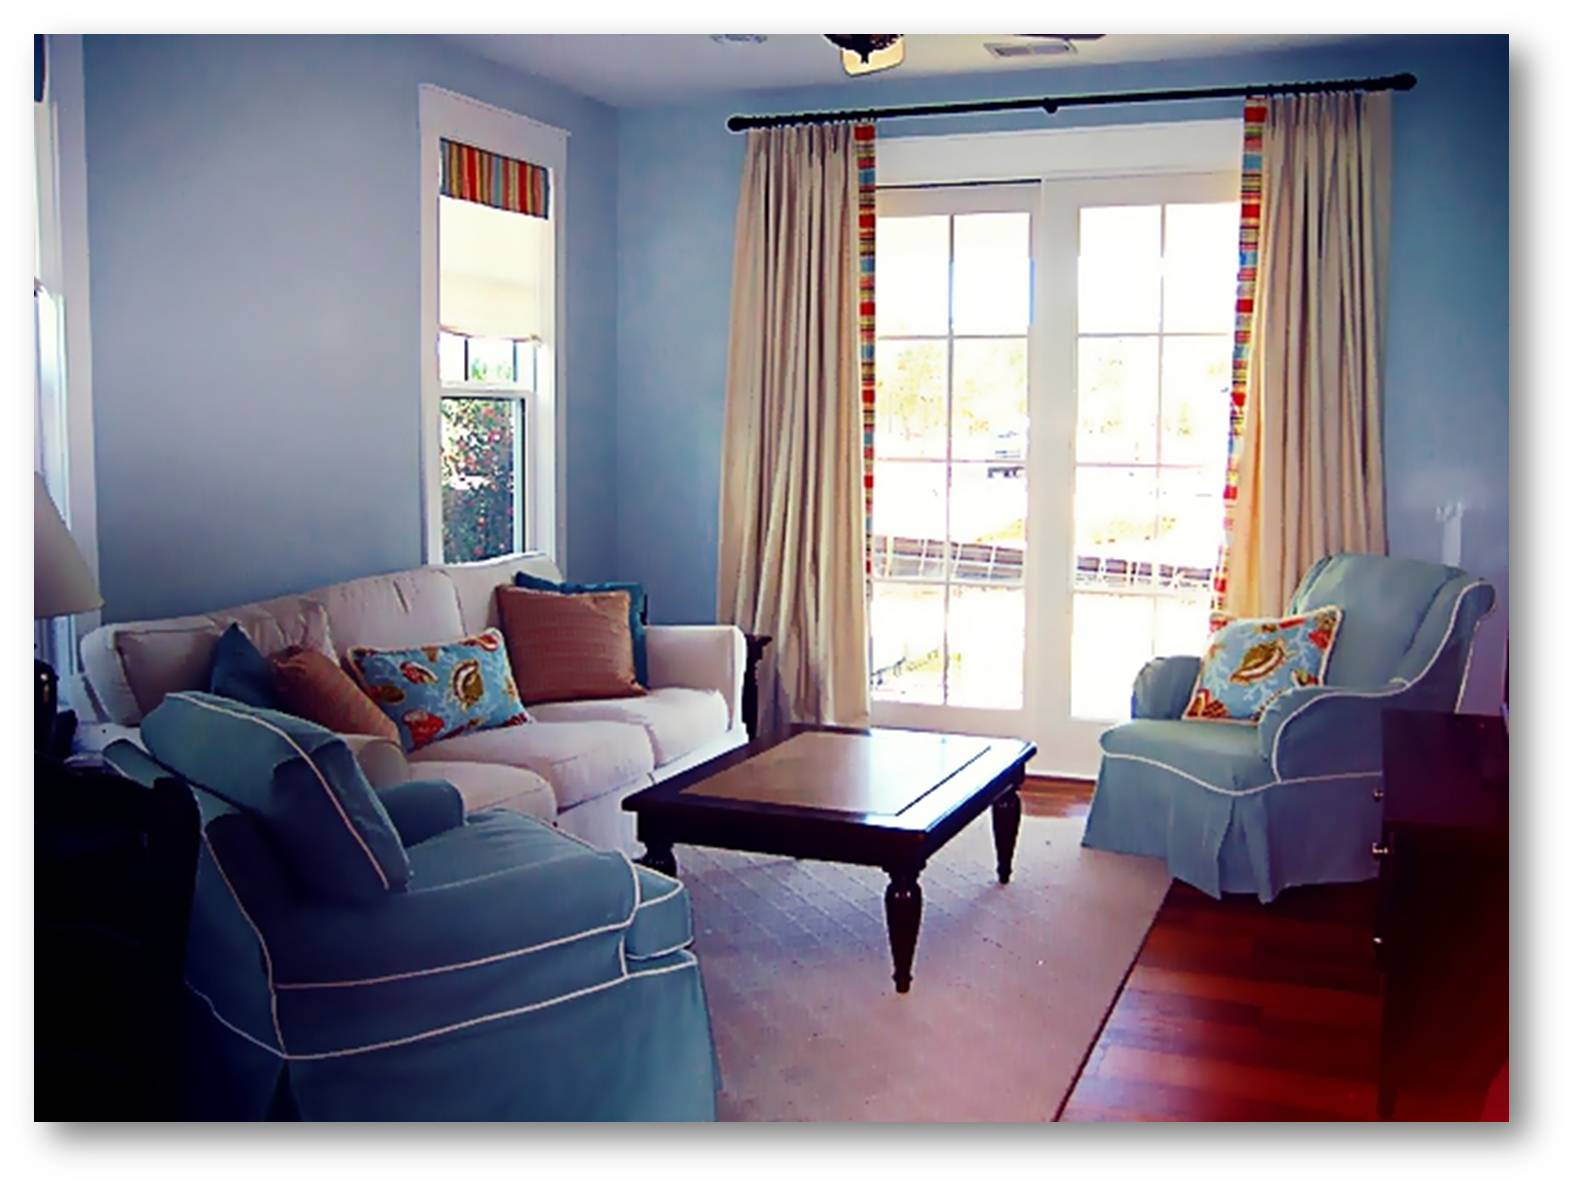 rumahidaman2016 gambar ruangan dalam rumah images